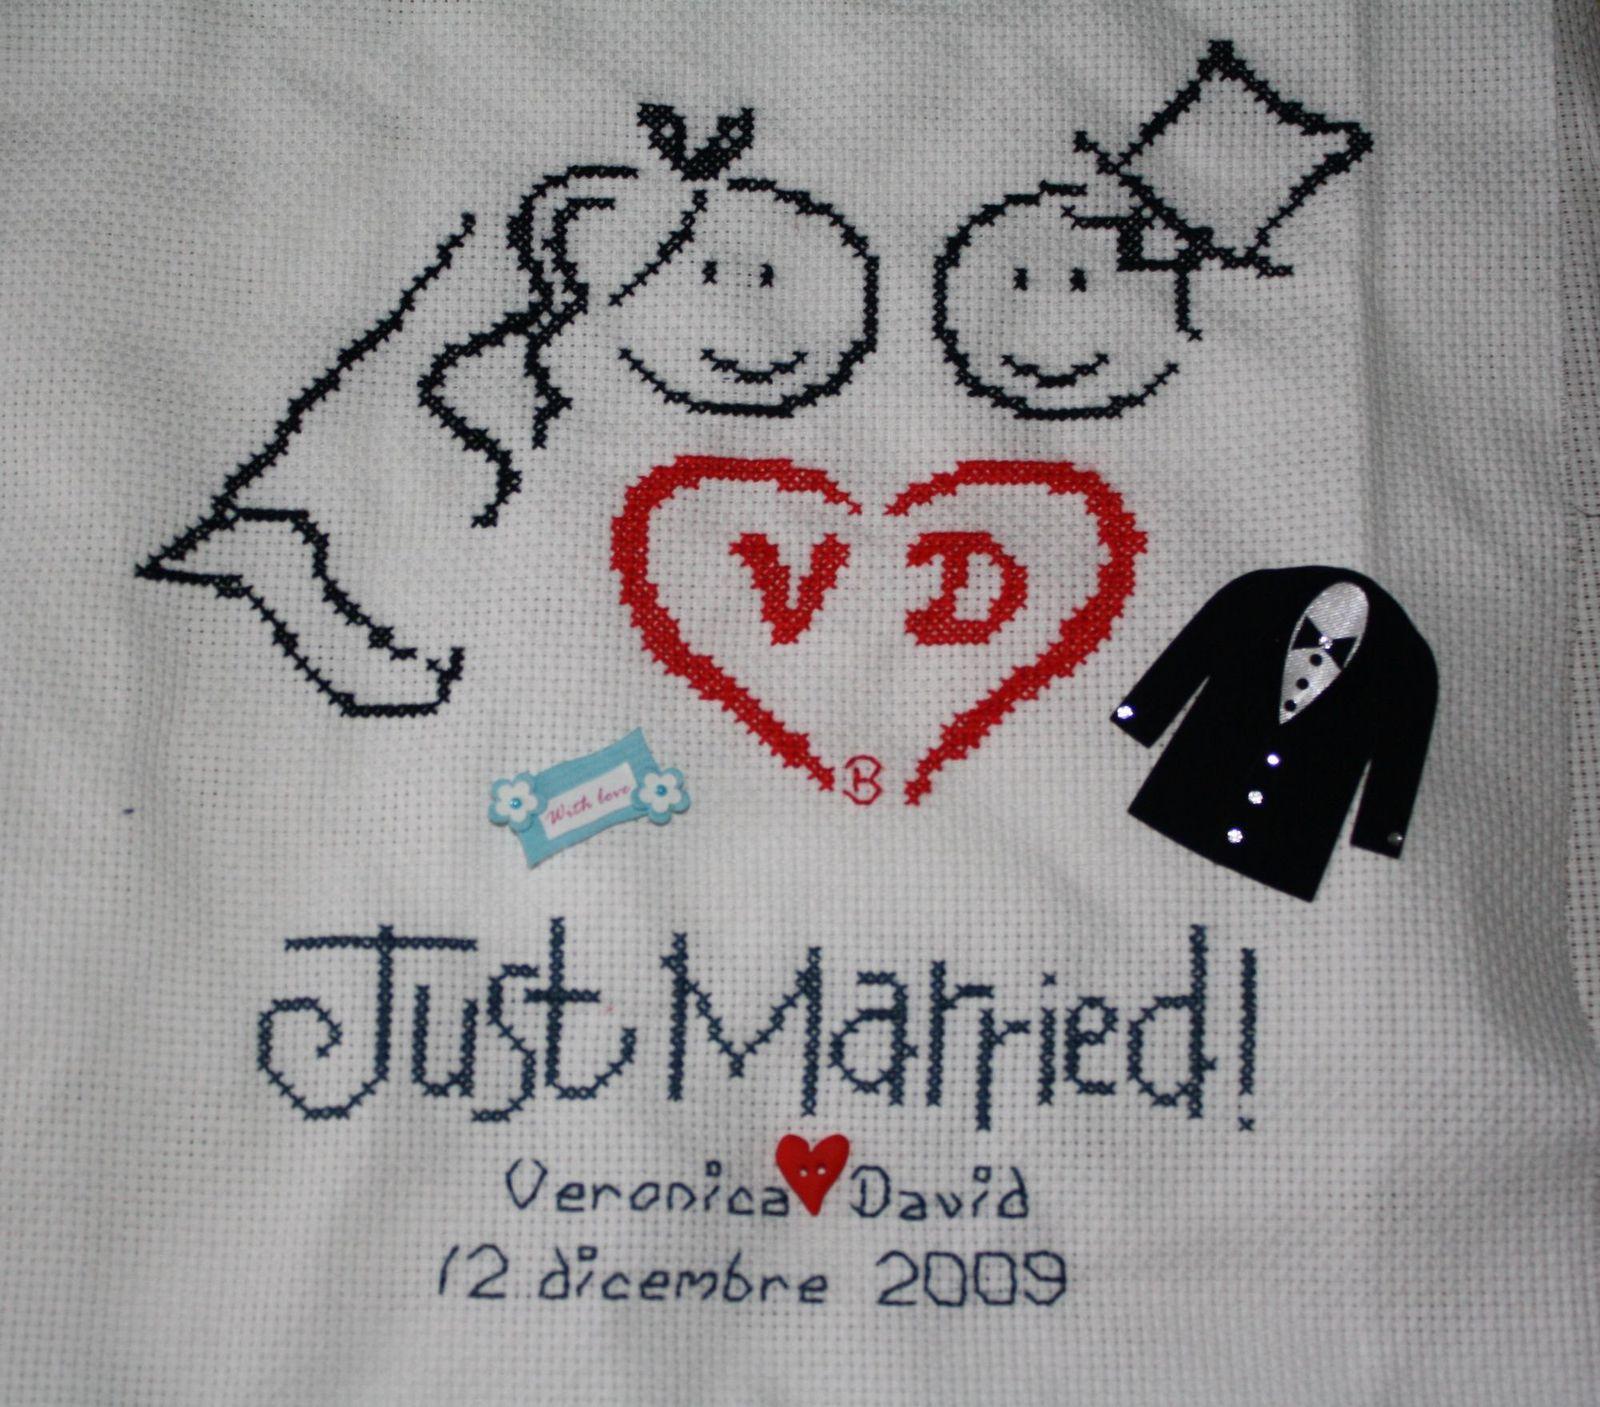 Estremamente sposi veronica e david - 12 dicembre 2009 - Fili di parole ZM78